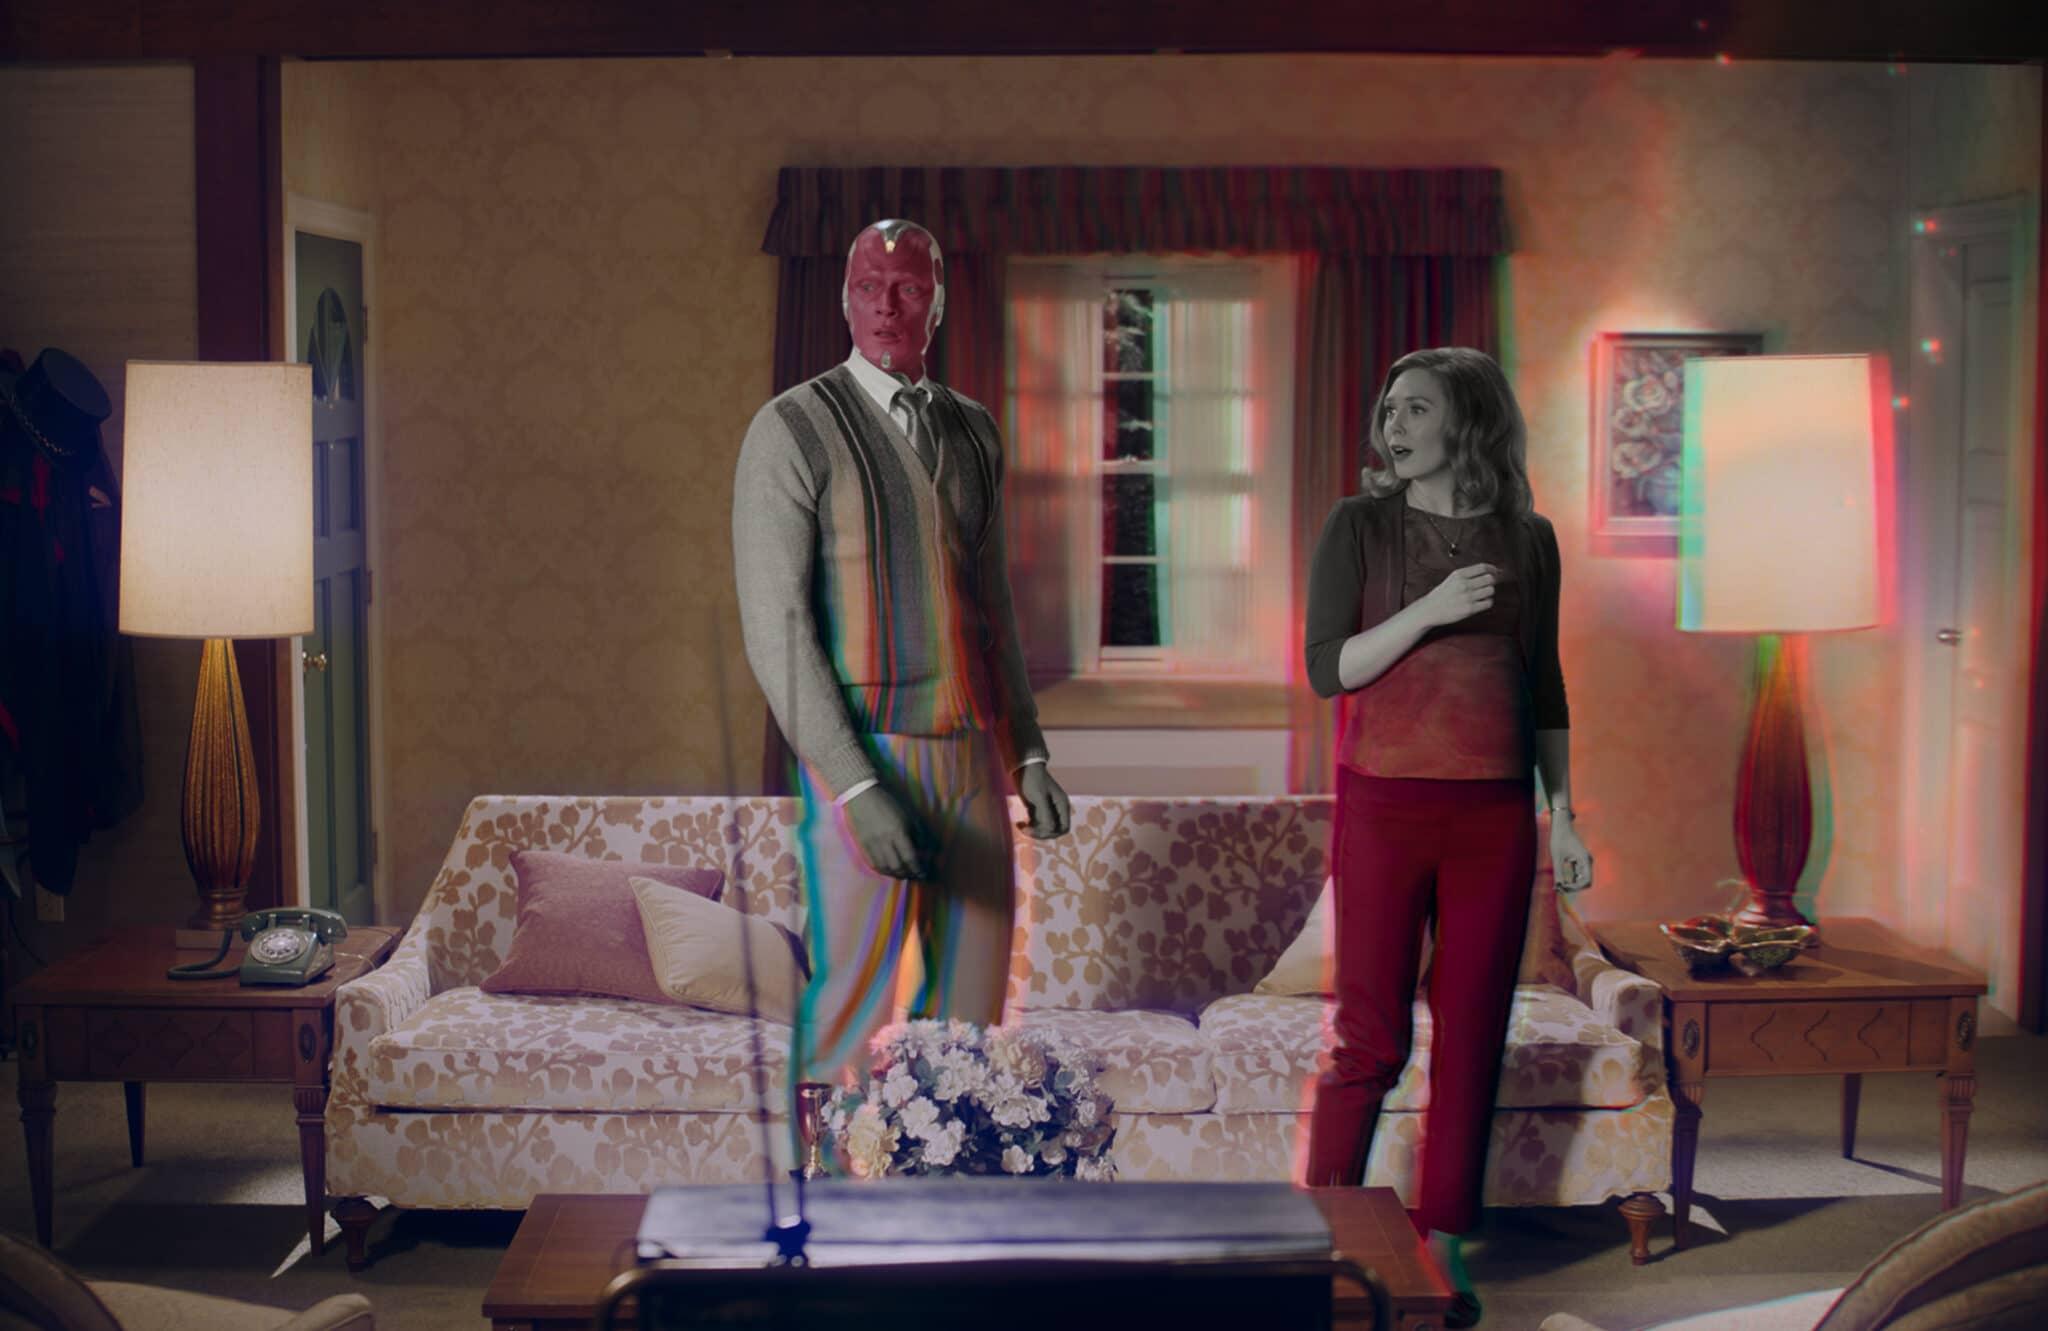 Vision (Paul Bettany) und Wanda (Elizabeth Olsen) stehen in biederer Kleidung in einem Sechzigerjahre-Wohnzimmer vor einem Blumenmustersofa. Außerdem sieht man zwei Stehlampen, ein altes Telefon und ein Blumengesteck.